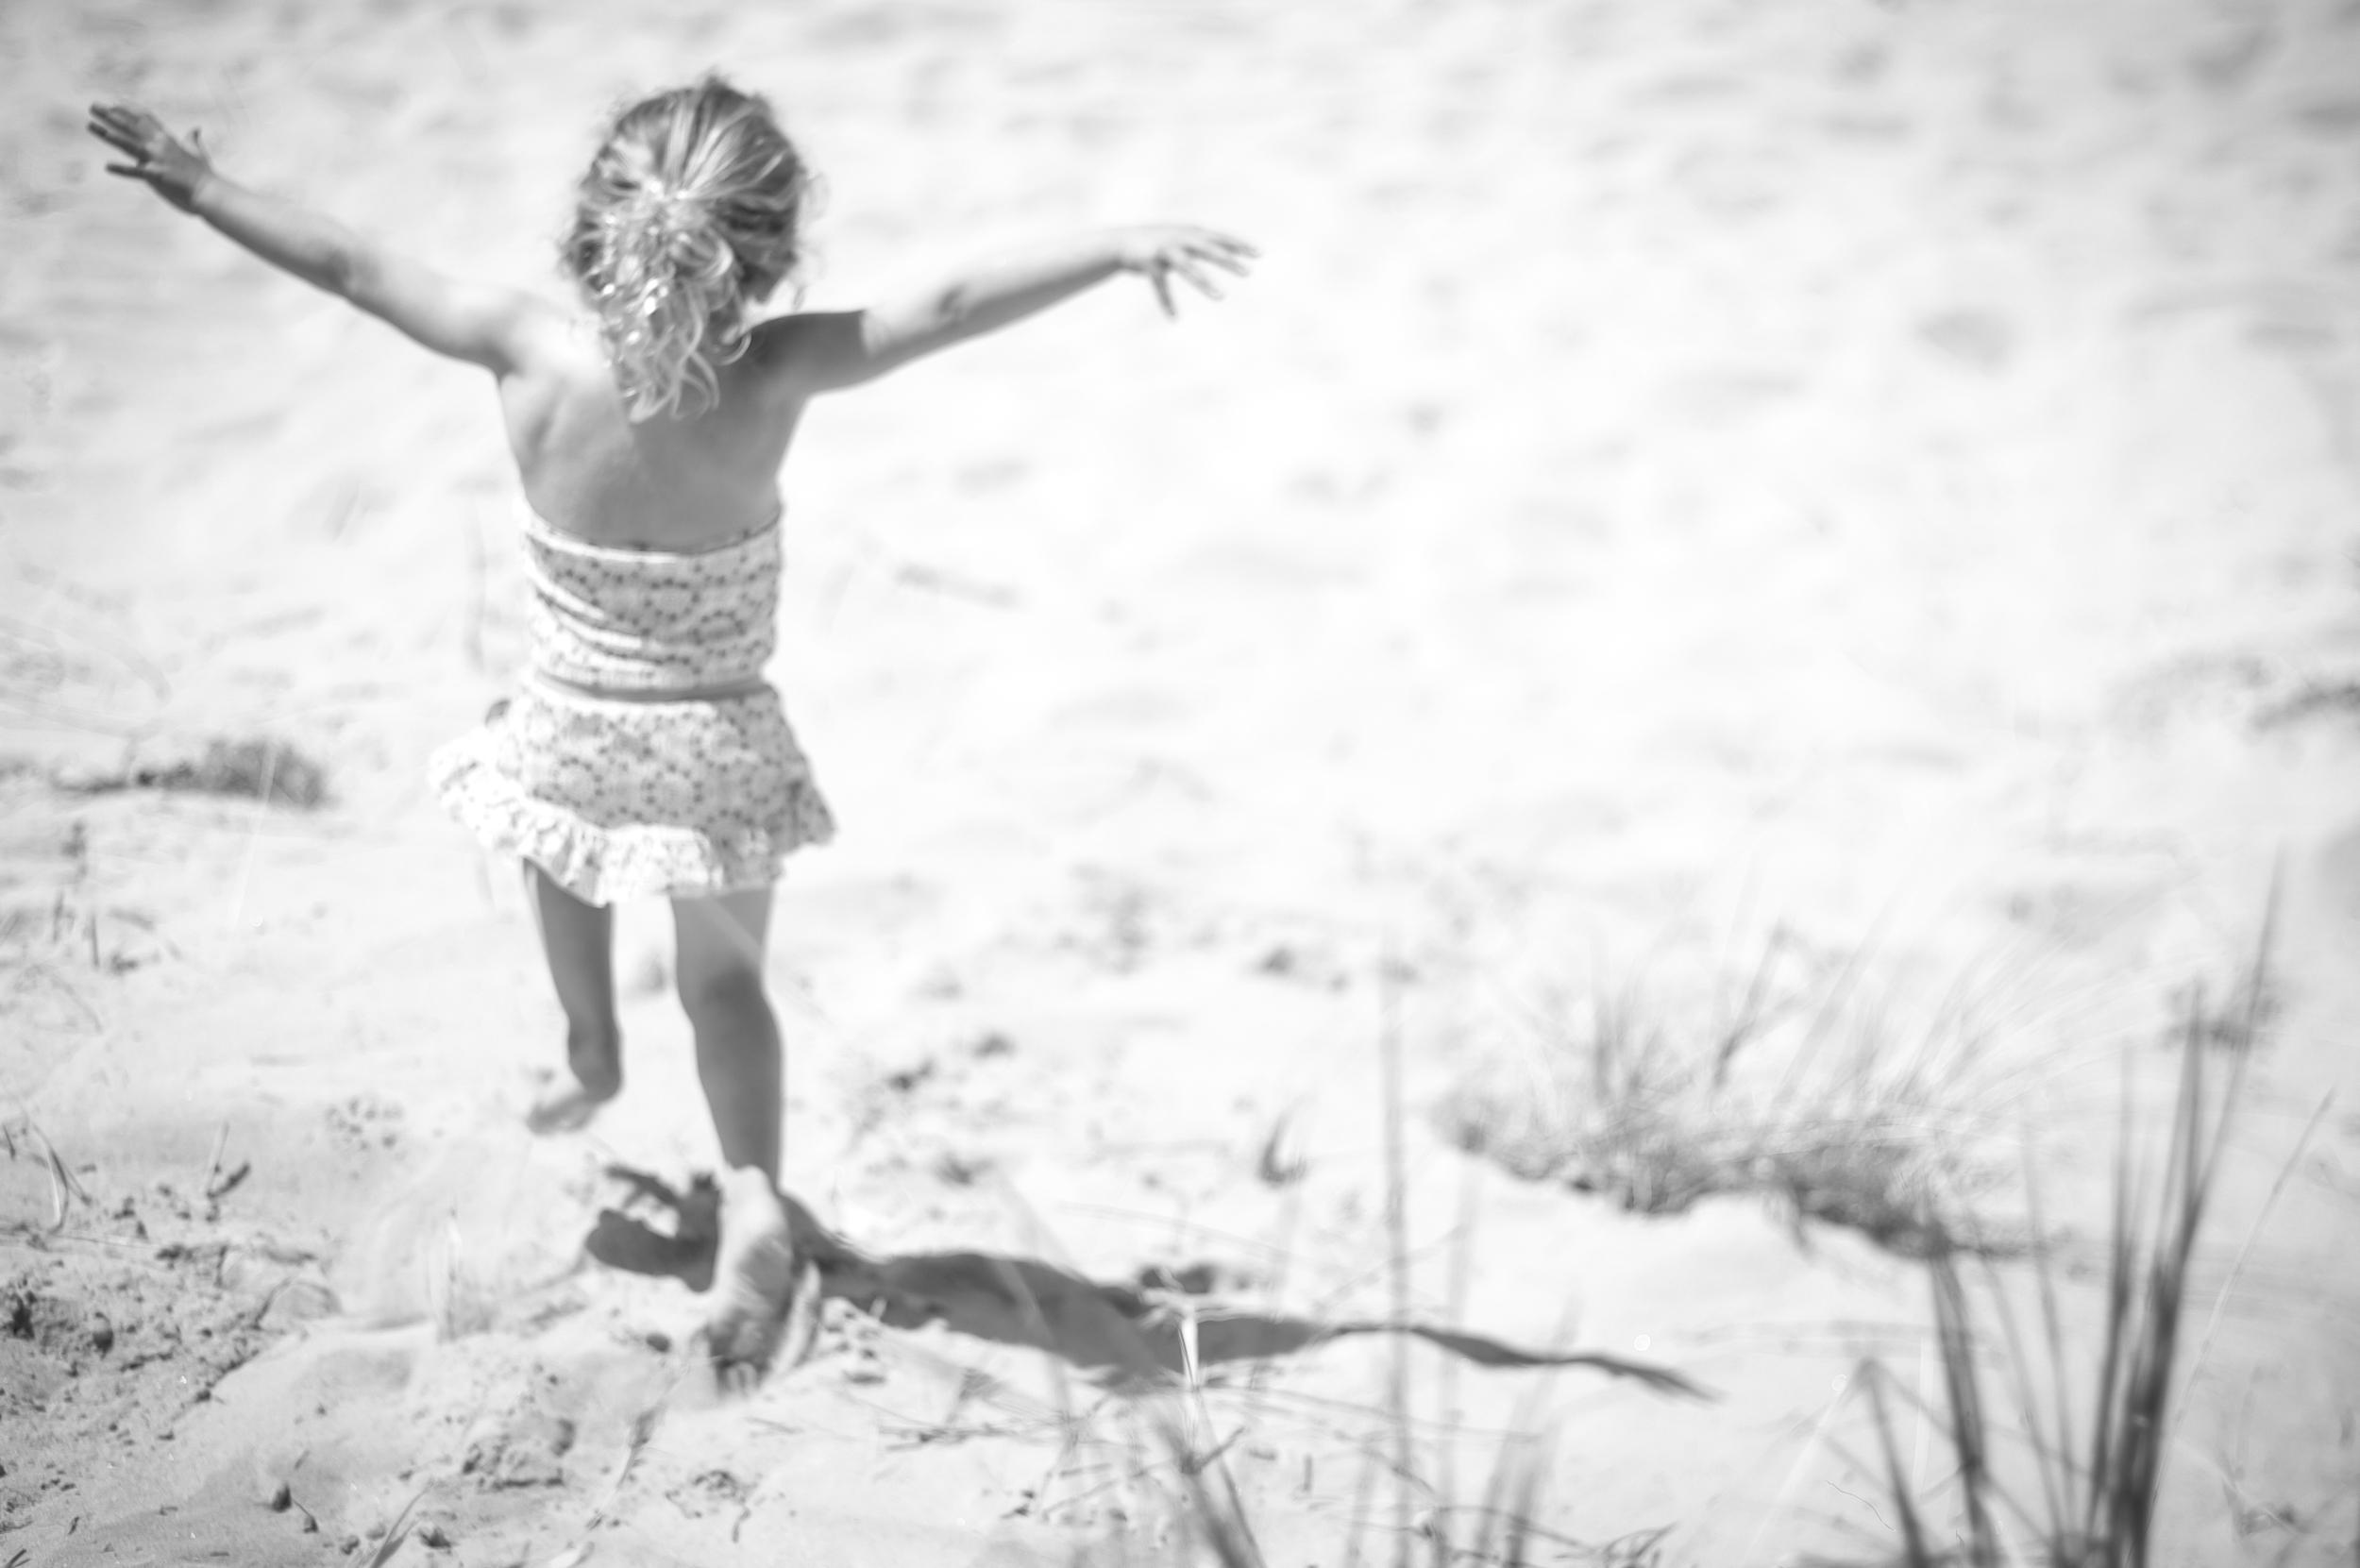 beachday-300dpi-1302